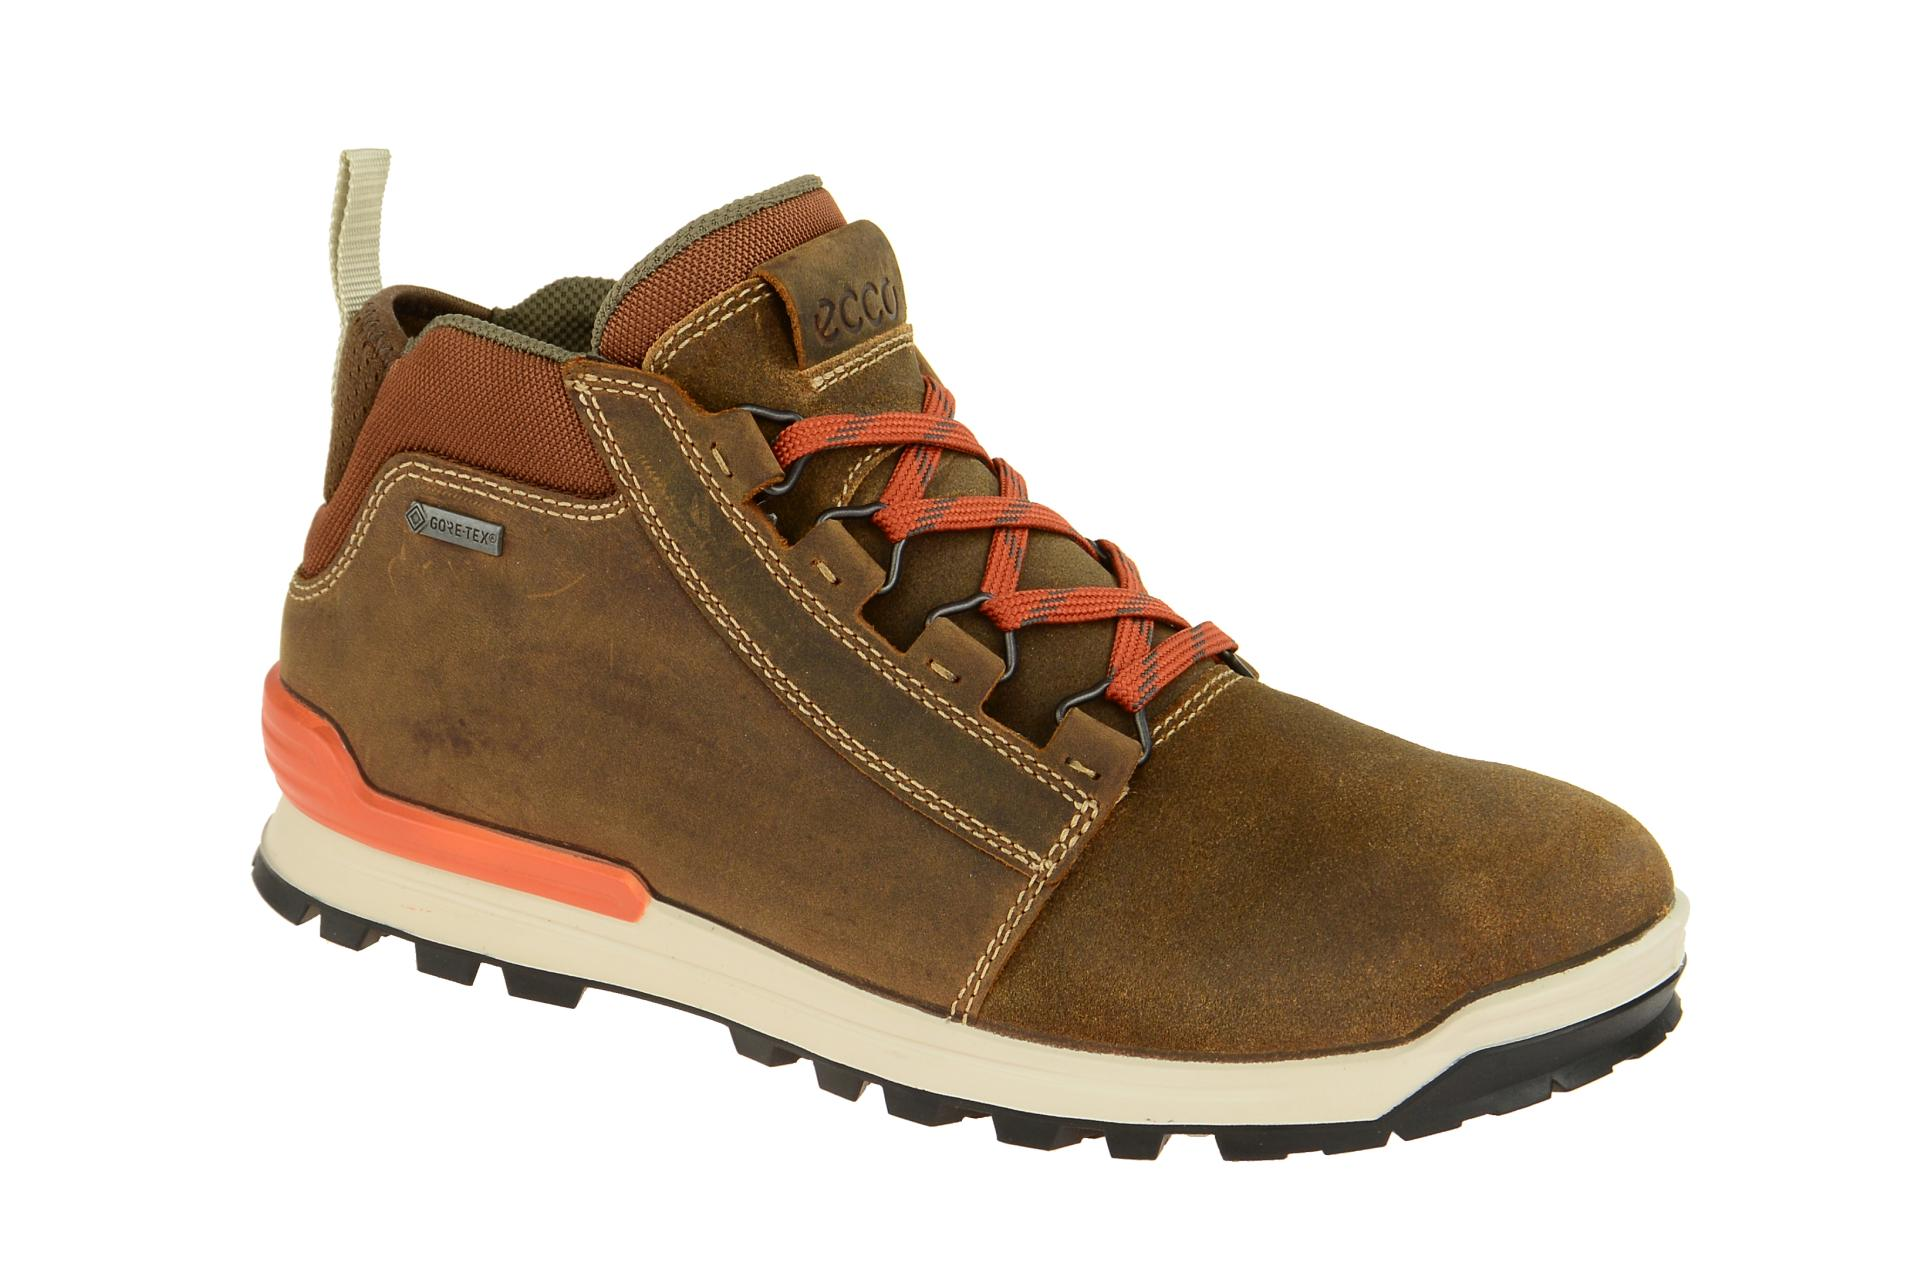 faa89a47d3df44 ecco Oregon Stiefel braun Gore-Tex - Schuhhaus Strauch Shop